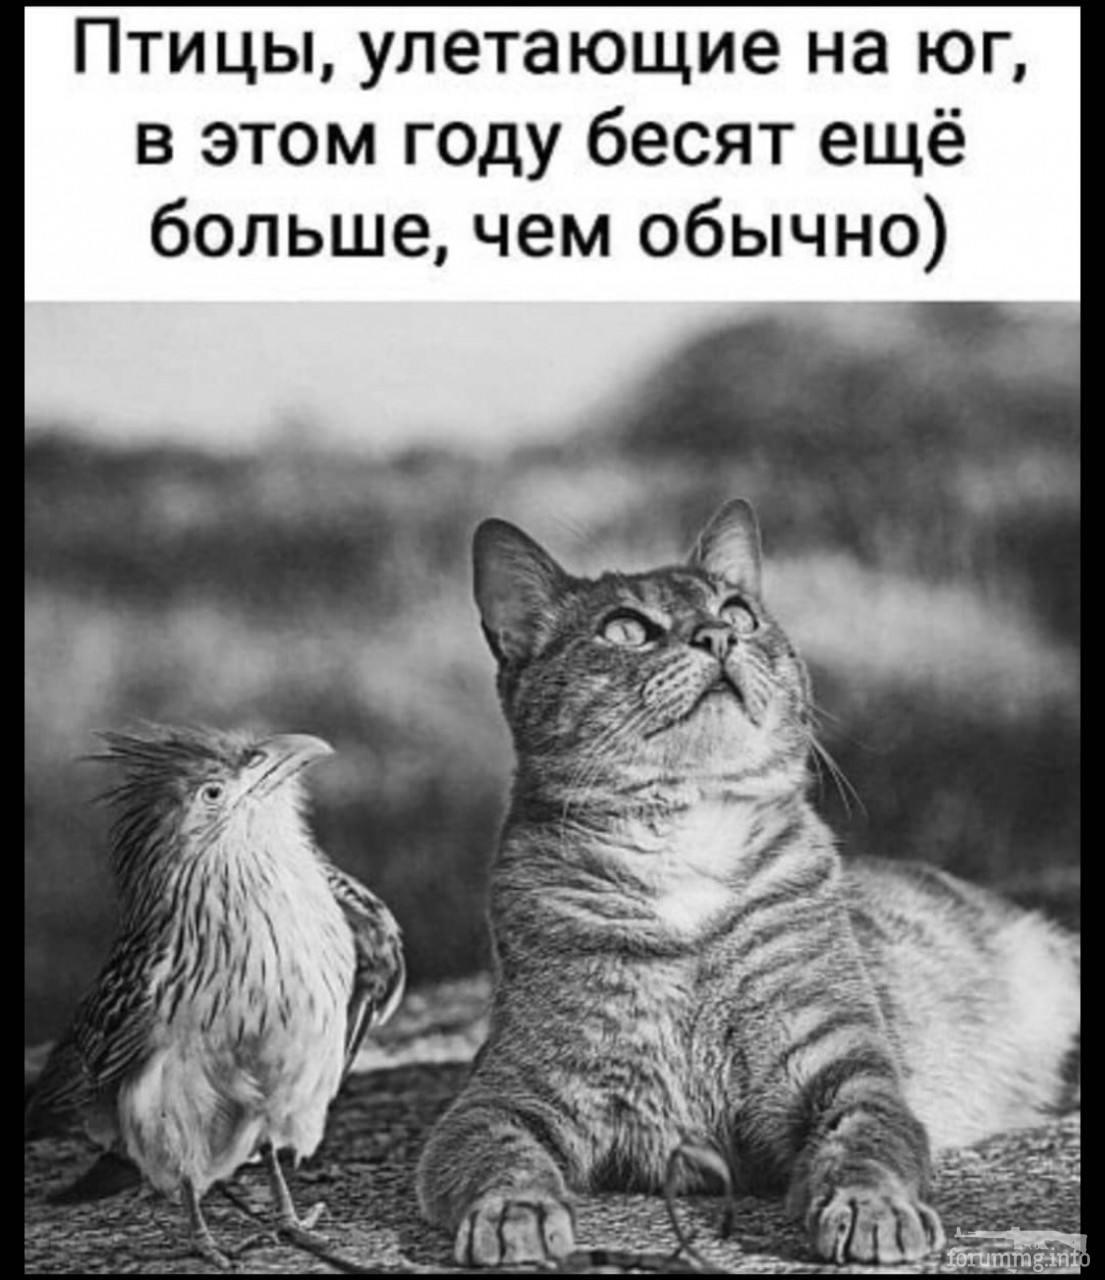 114479 - Смешные видео и фото с животными.